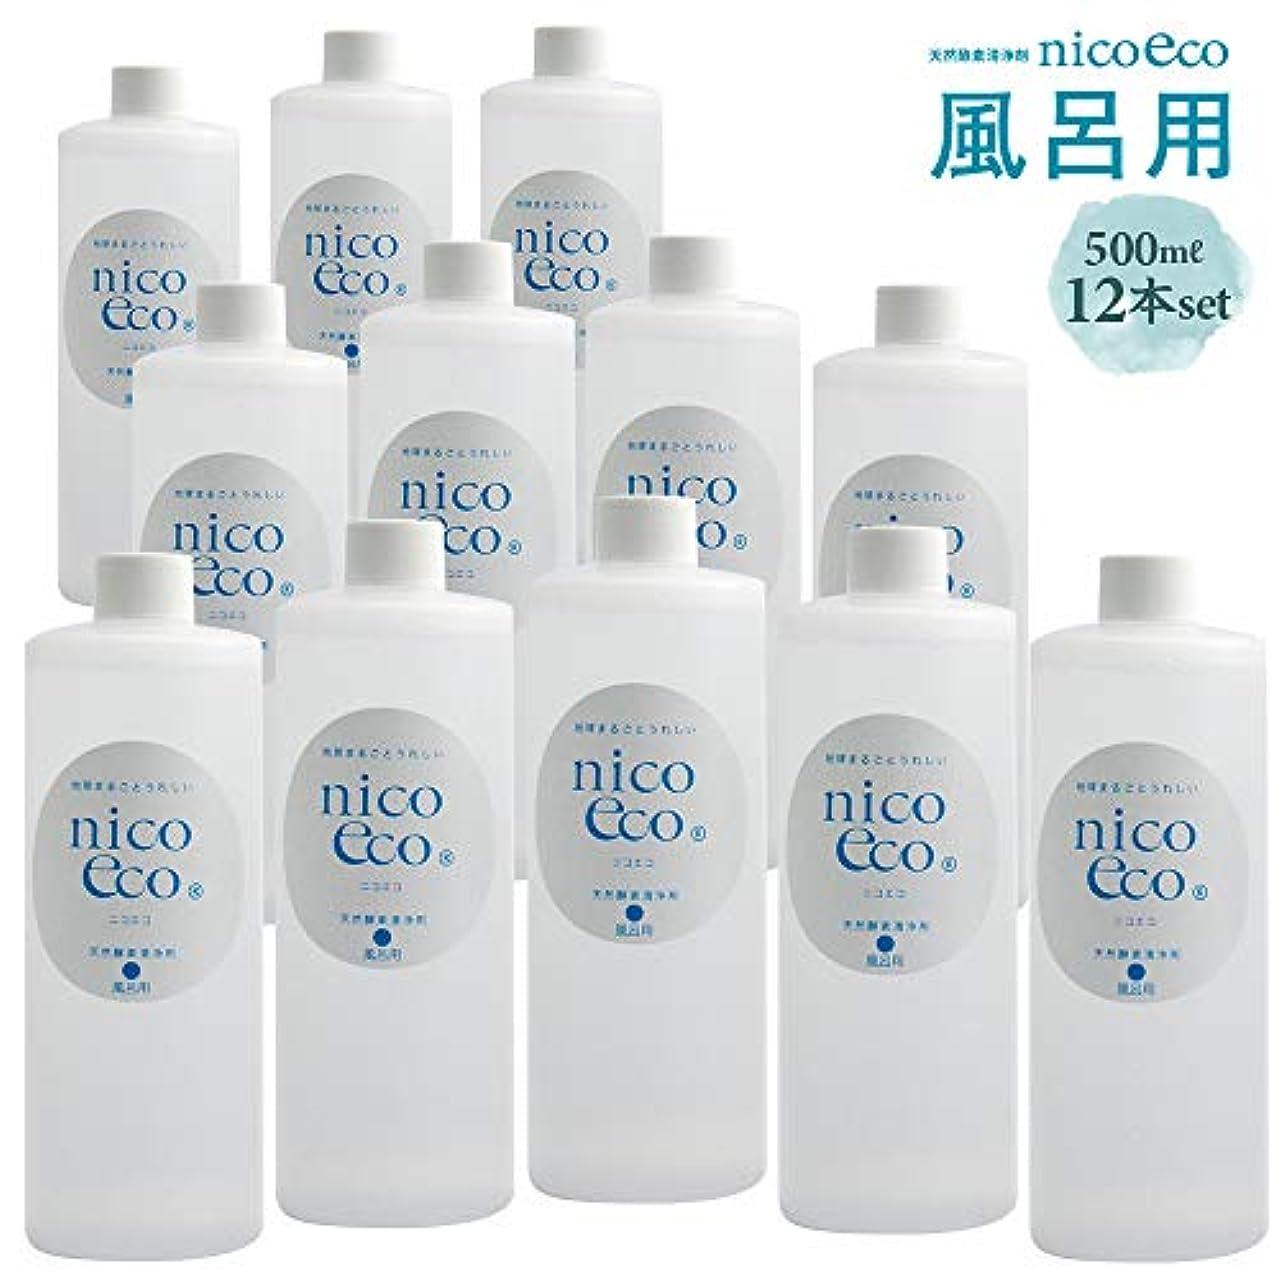 【ケース販売】 ニコエコ(nicoeco) 風呂用 天然酵素清浄剤 12本セット